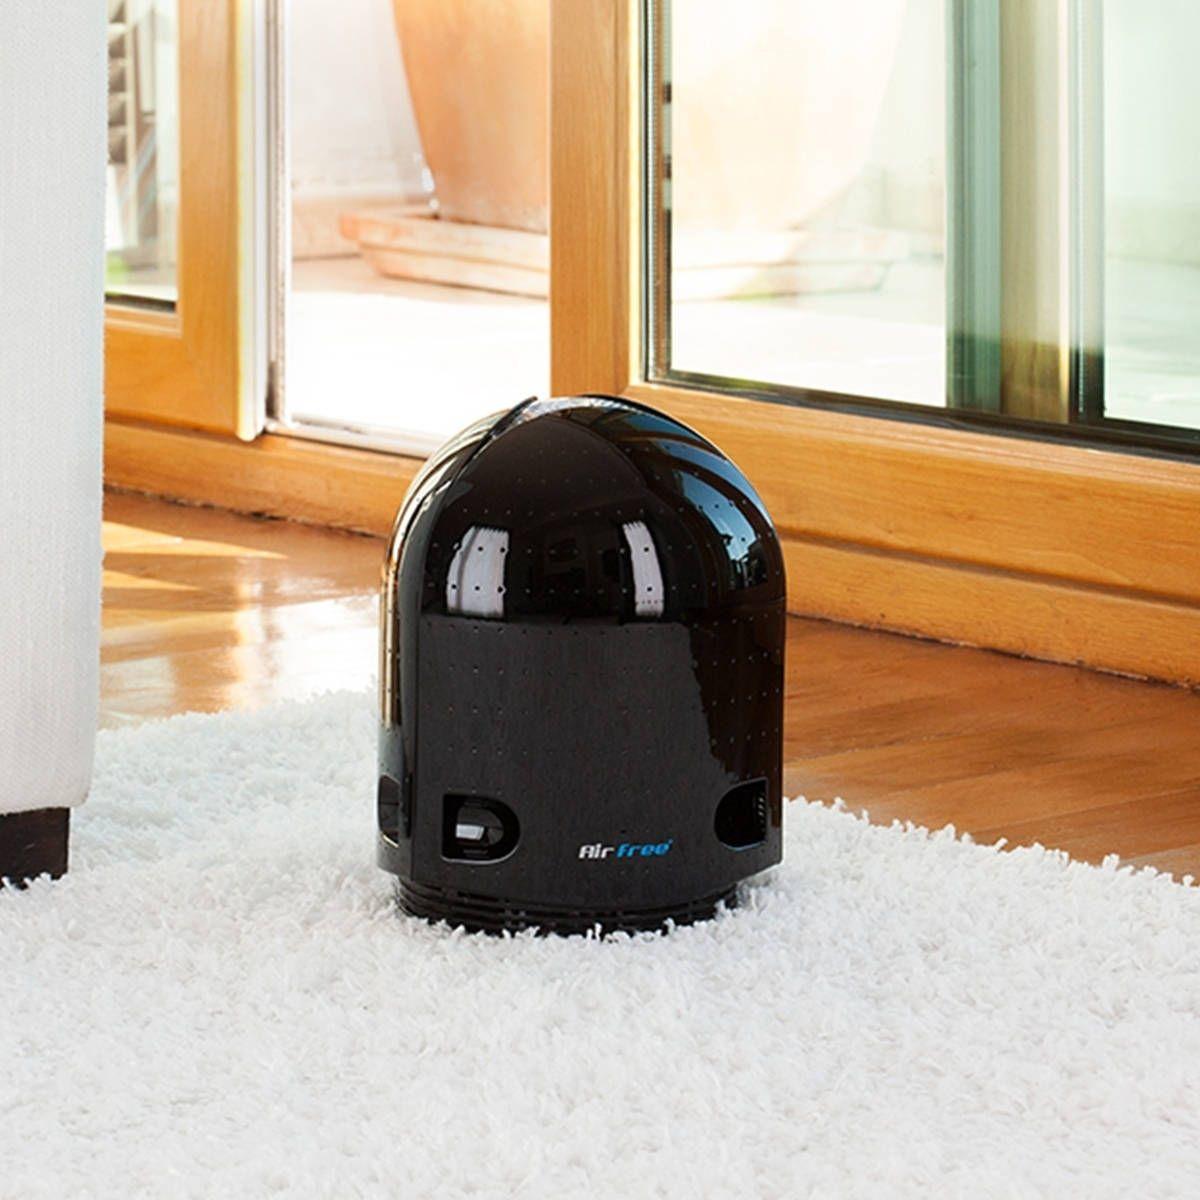 Airfree Iris 3000 Filterless Air Purifier, 650 sq ft